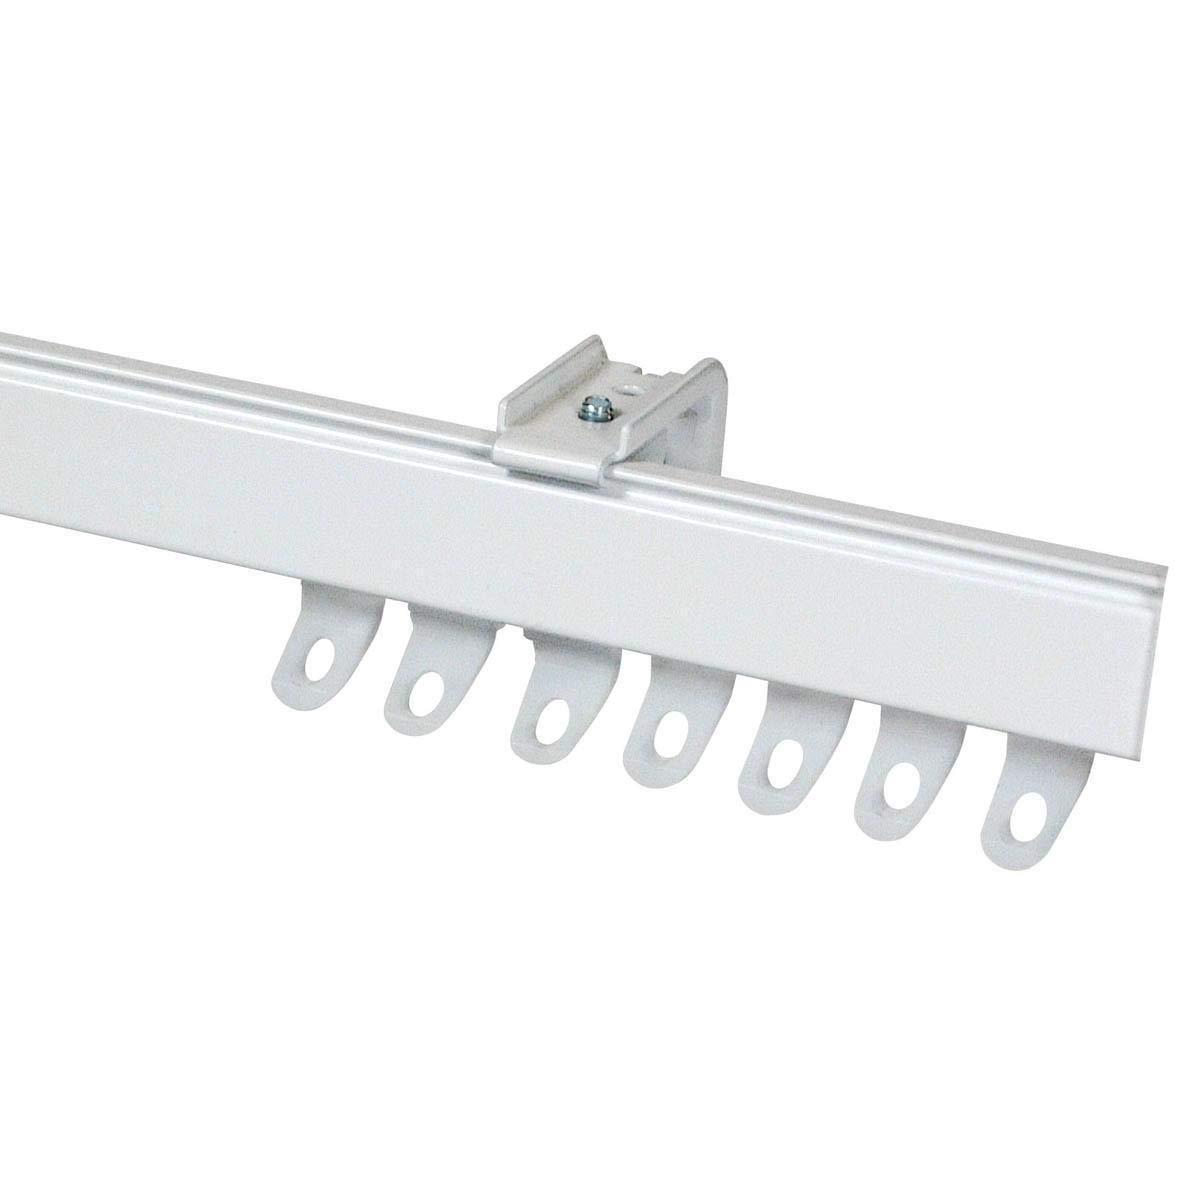 Speedy Productos Fineline Conector PK 1 Color Blanco: Amazon.es: Hogar